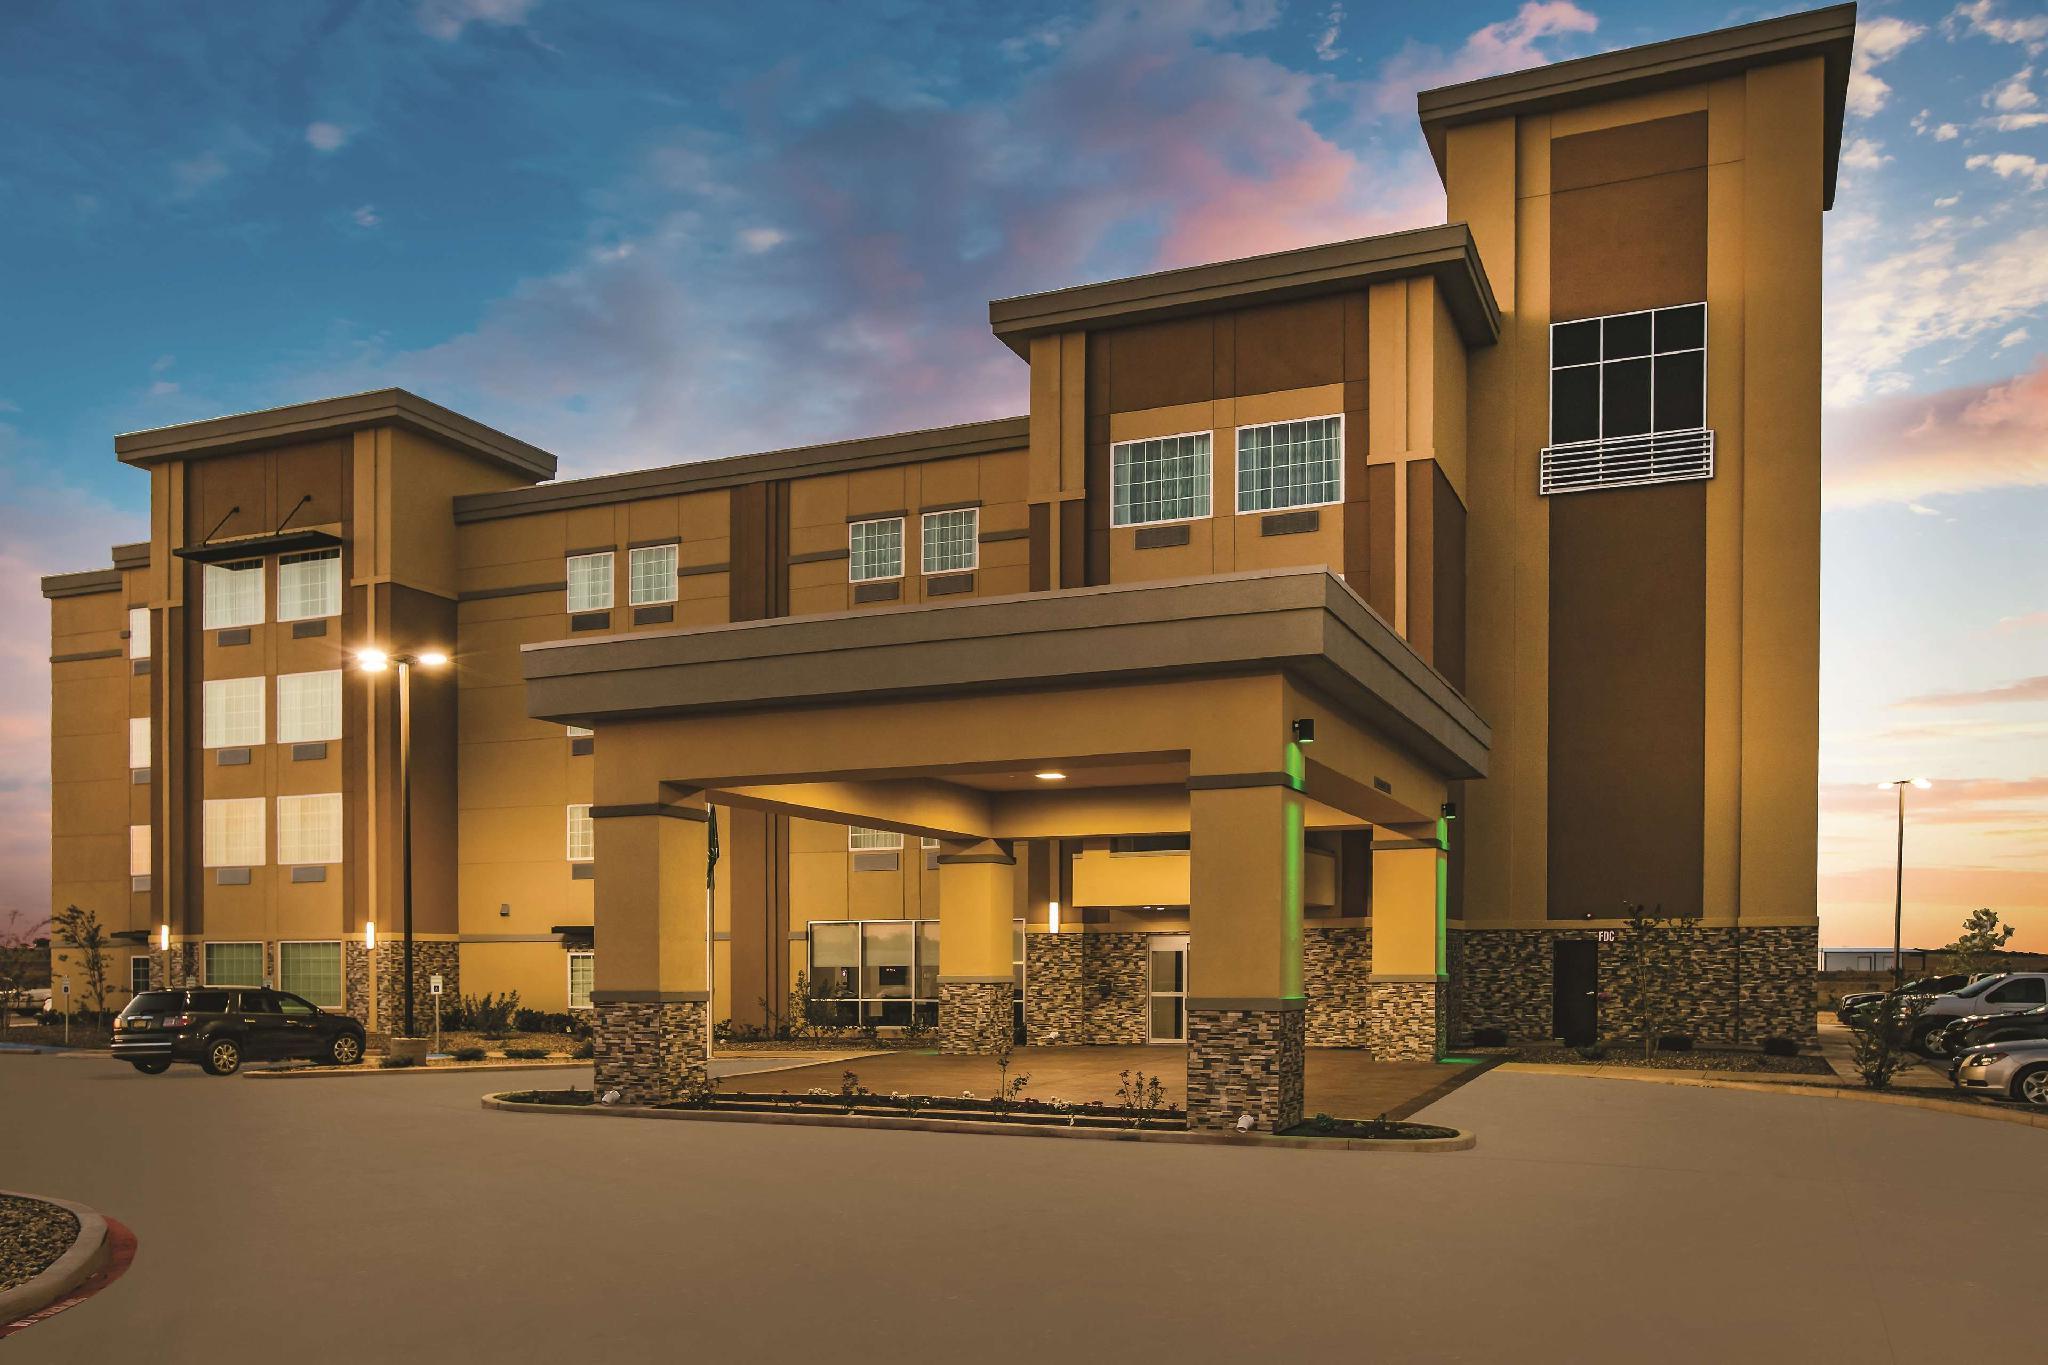 La Quinta Inn And Suites By Wyndham Colorado City